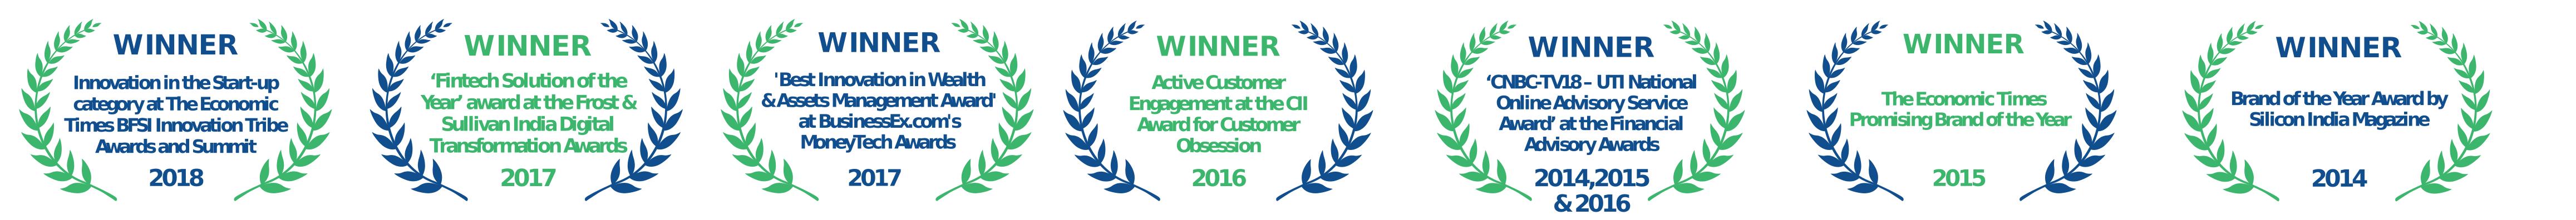 Winner for online advisory 2015 |CNBC-TV 18 UTI Award